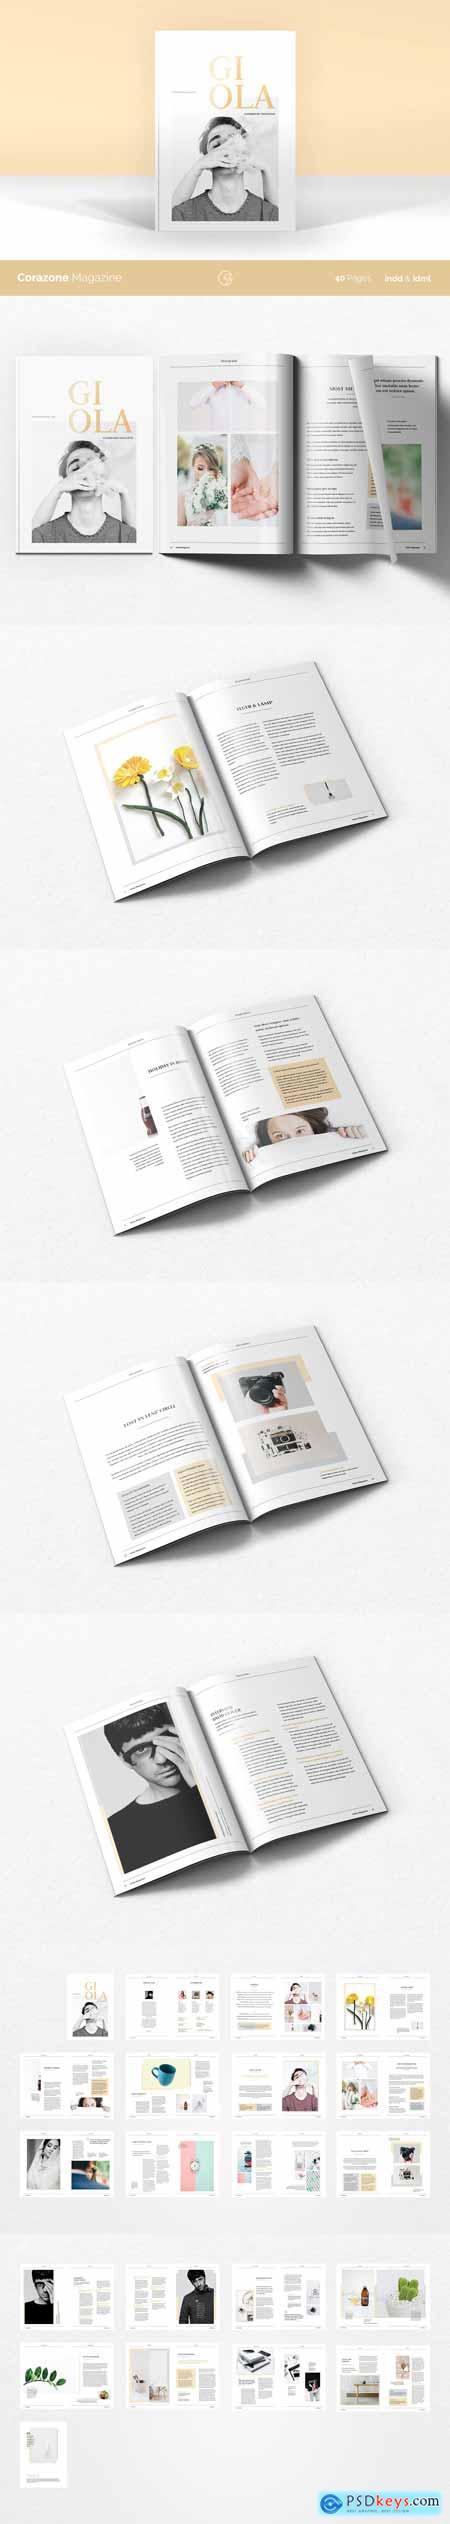 Giola Lookbook Magazine - 2019 3397657